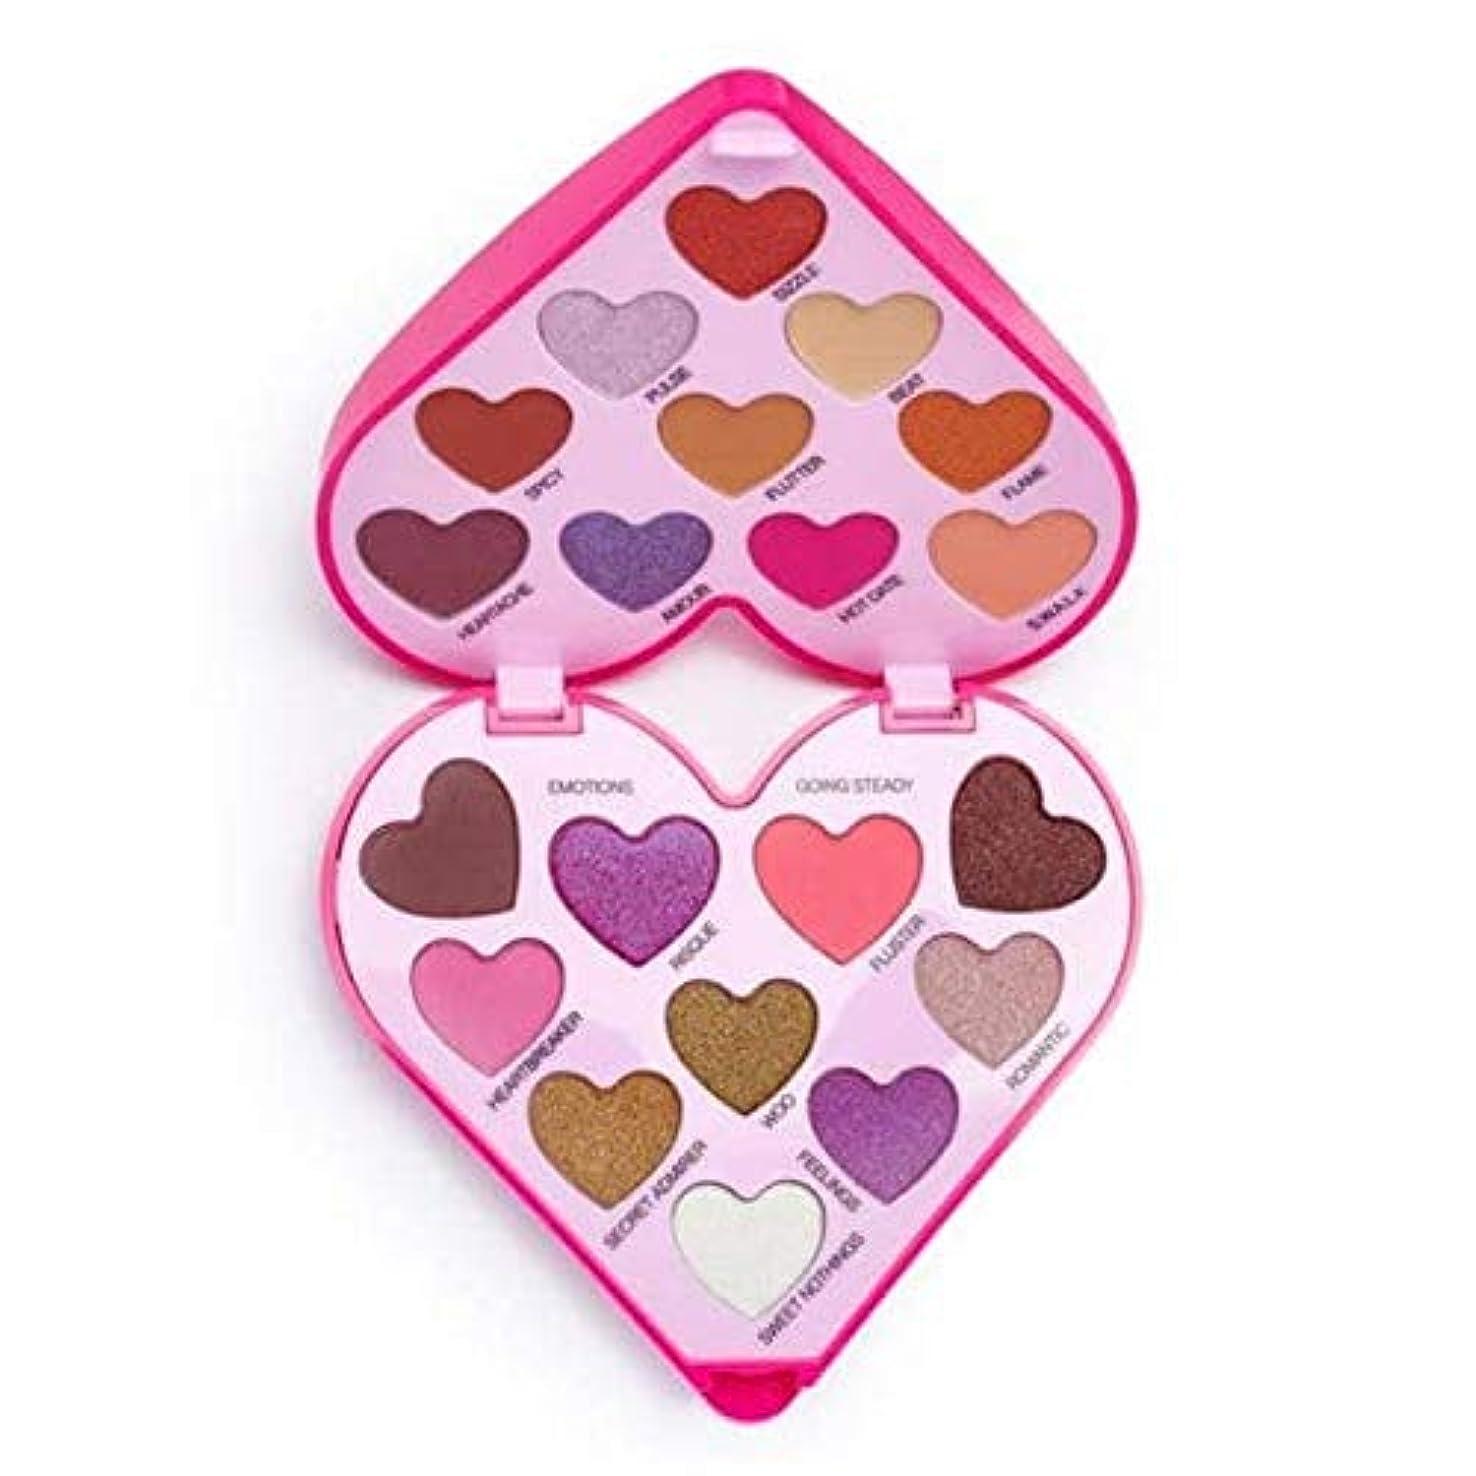 神死ぬ貼り直す[I Heart Revolution ] 私は心の革命のハートビートアイシャドウパレット - I Heart Revolution Heartbeat Eye Shadow Palette [並行輸入品]